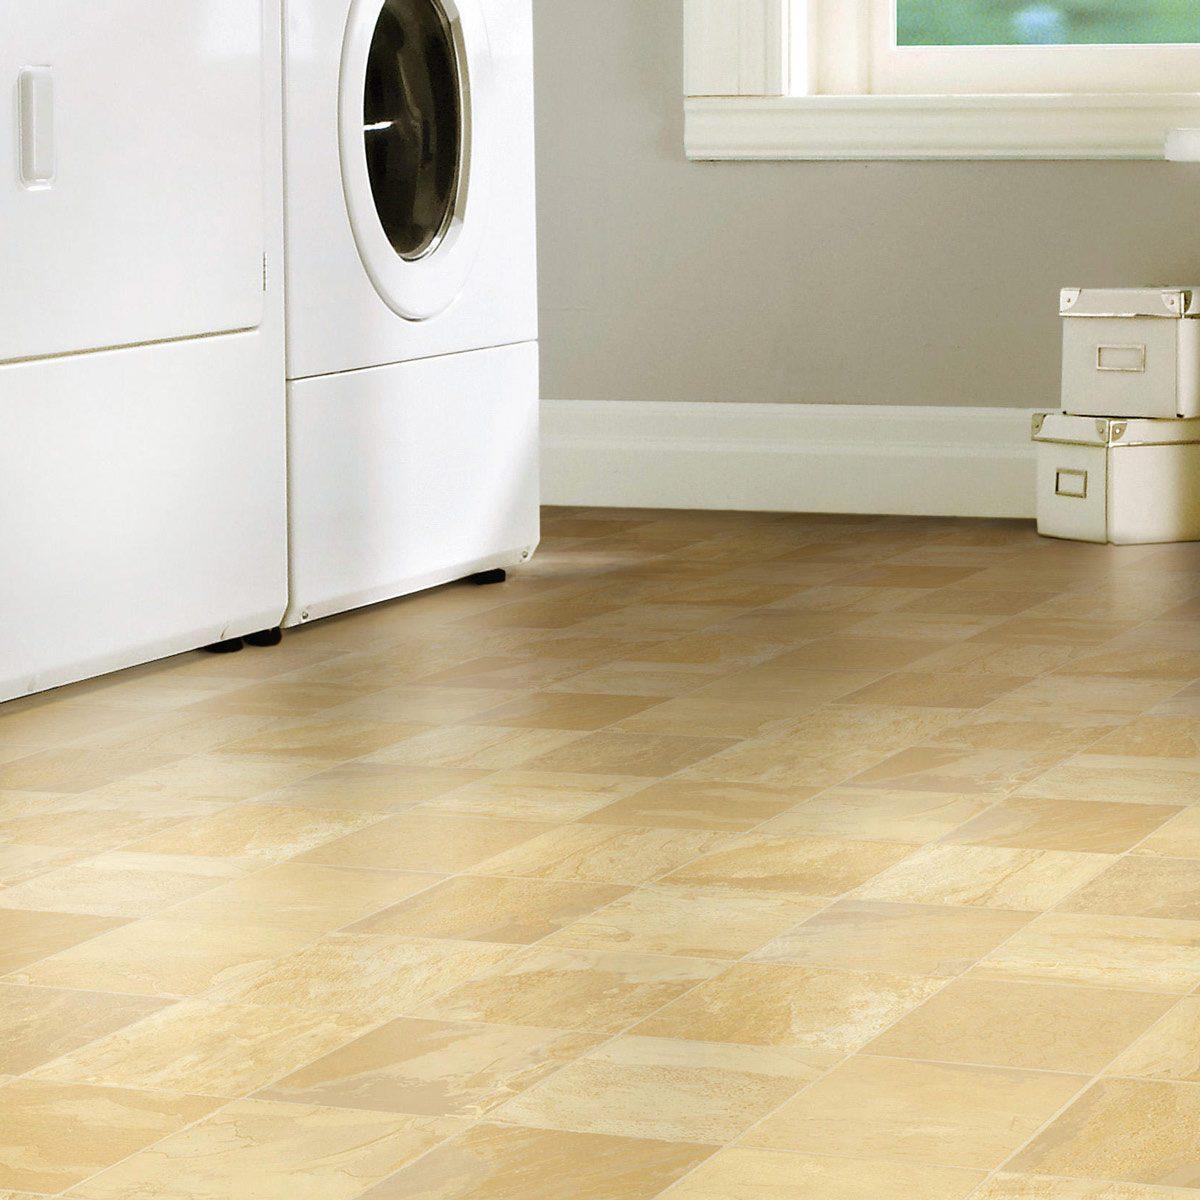 vinyl-tile-laundry-room